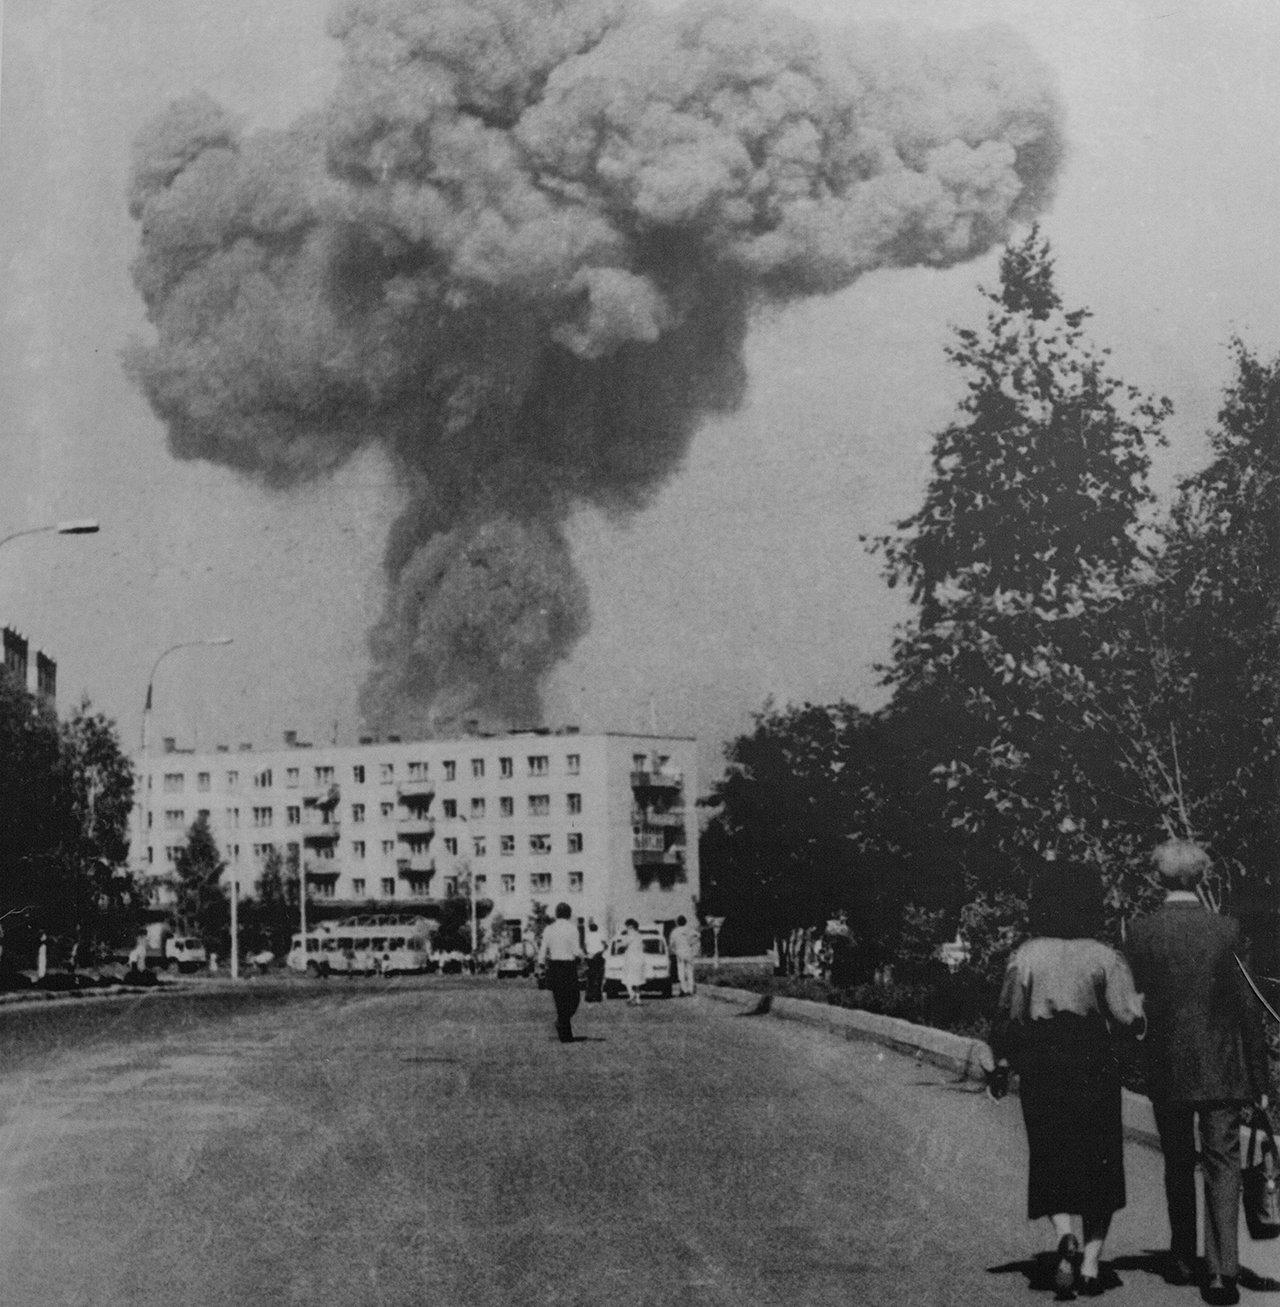 На оборонному заводі в РФ стався вибух: троє людей загинули, ще троє постраждали, - російські ЗМІ - Цензор.НЕТ 2043